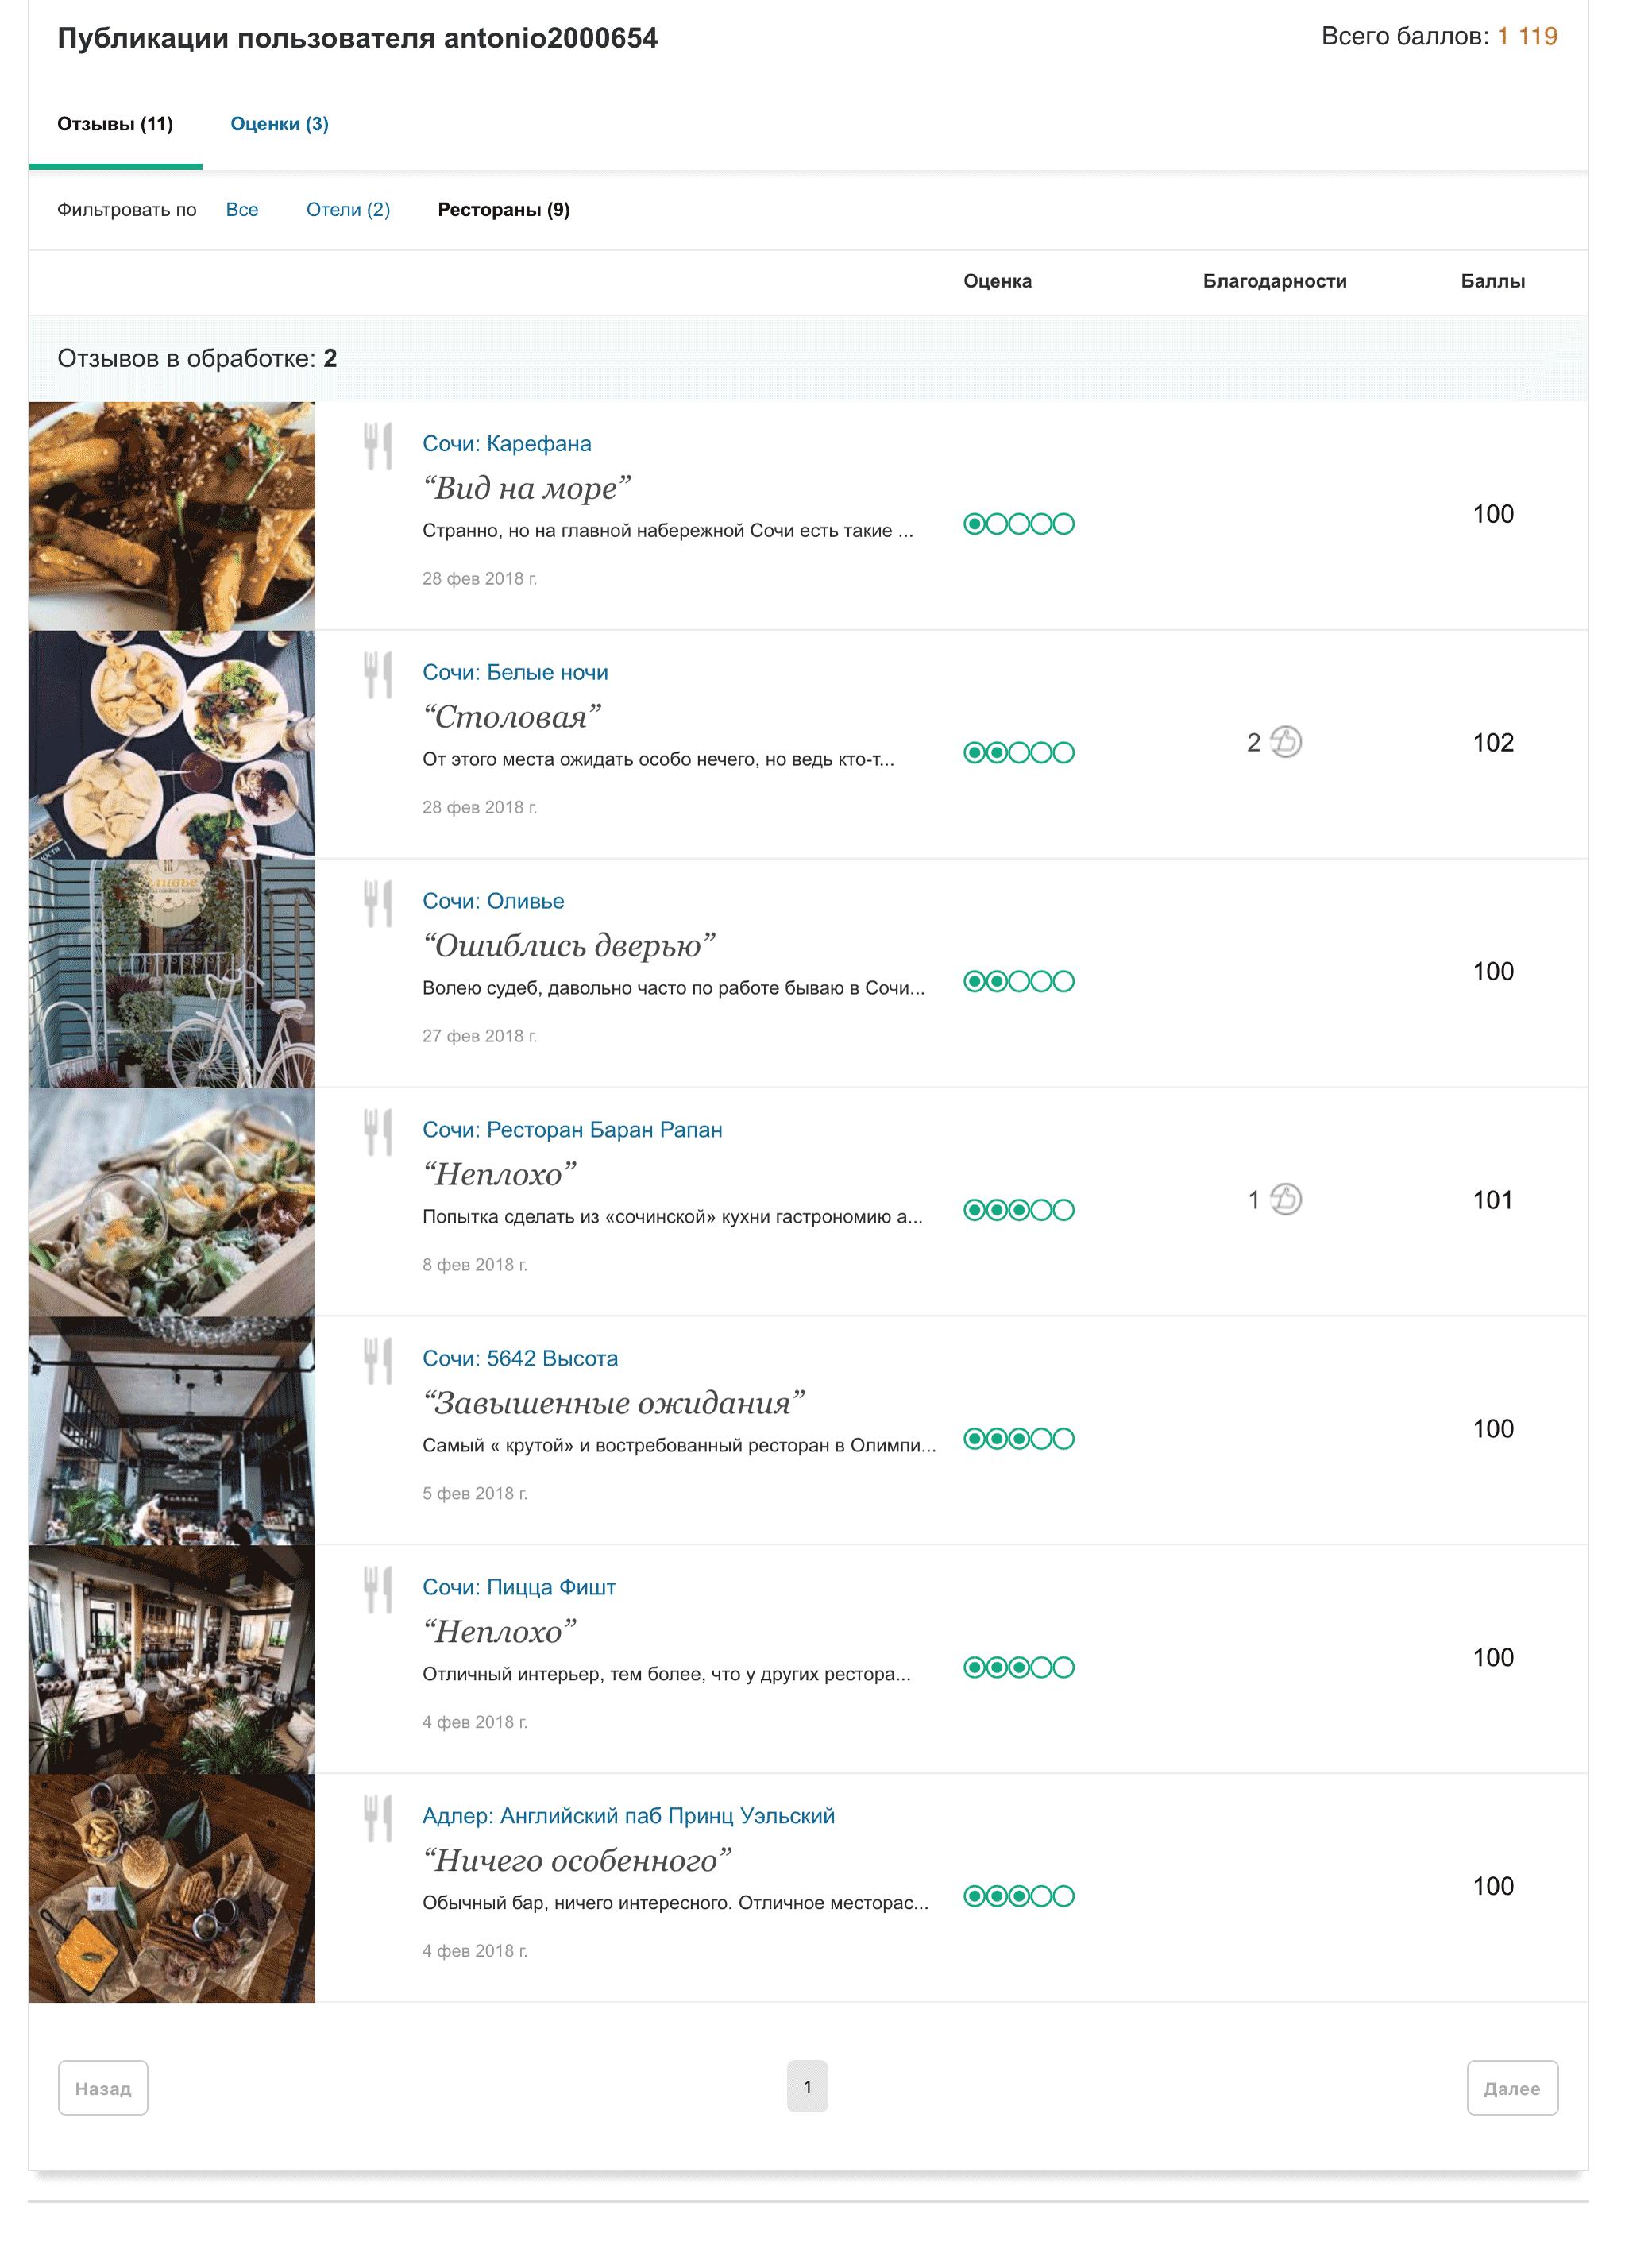 Все отзывы этого пользователя о ресторанах очень критические. Я бы не стала полагаться на его мнение